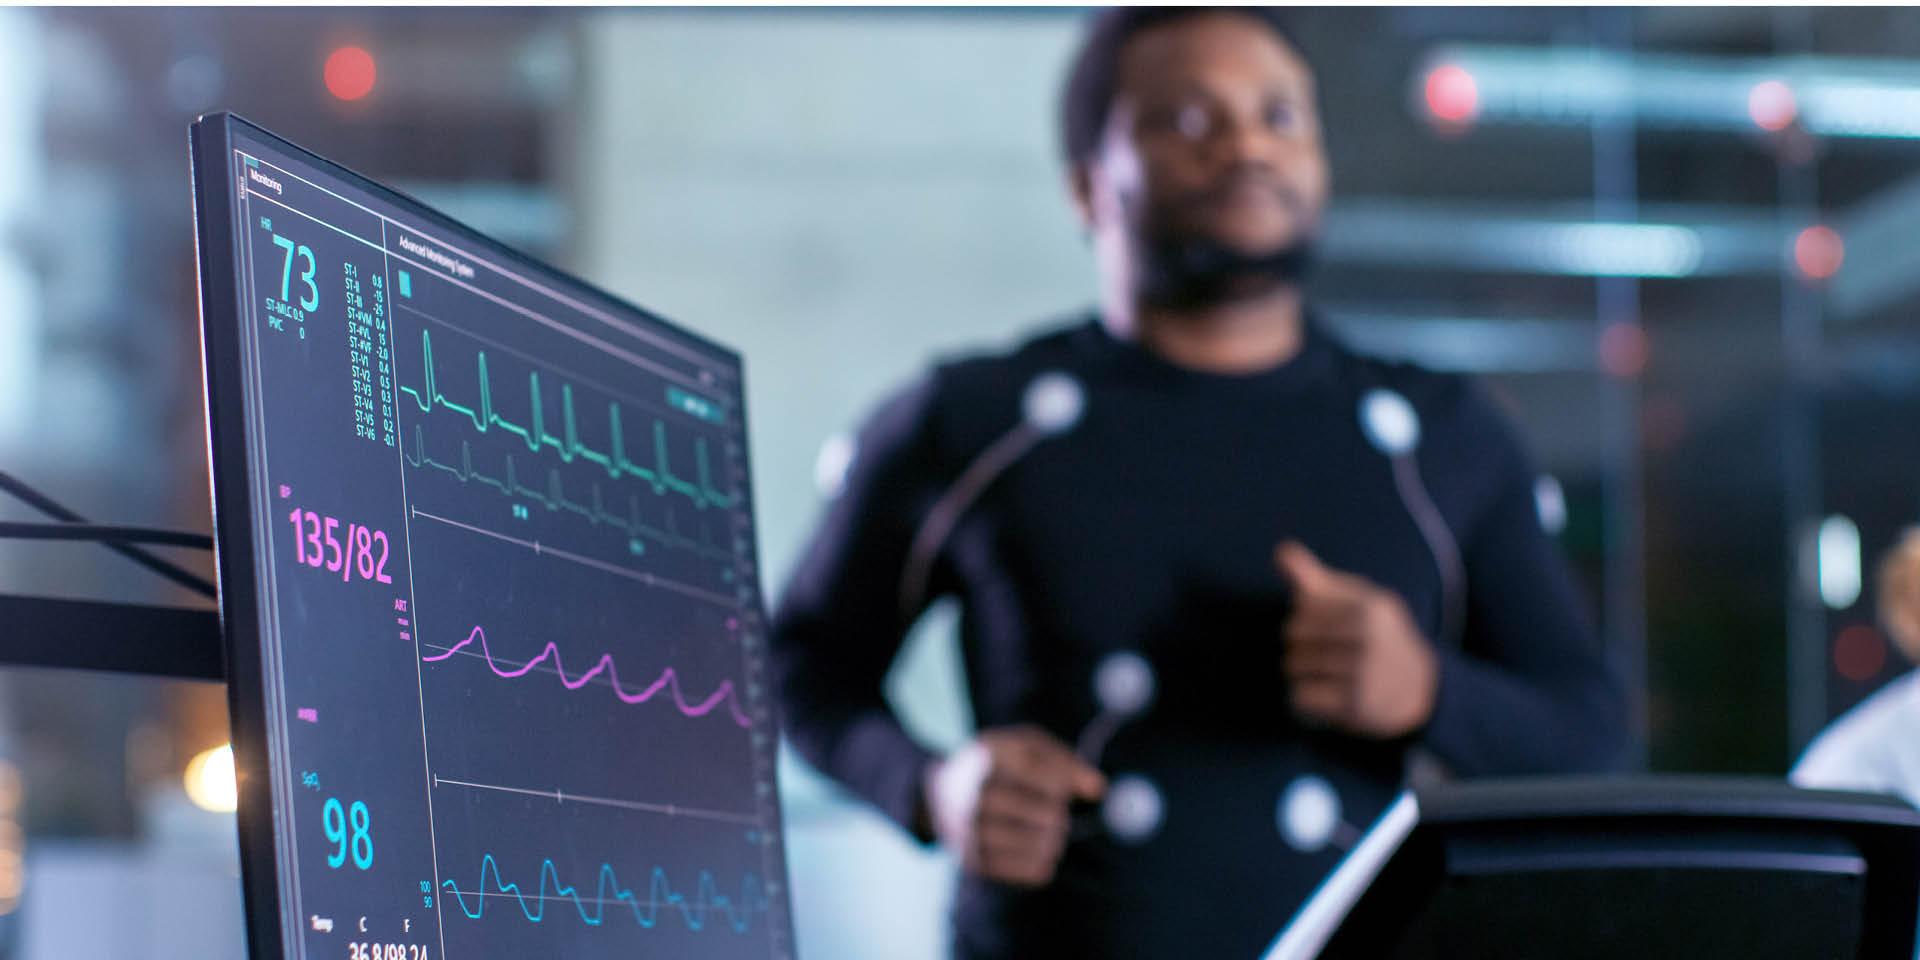 Ein Mann läuft auf einem Laufband und ist an ein EKG angeschlossen